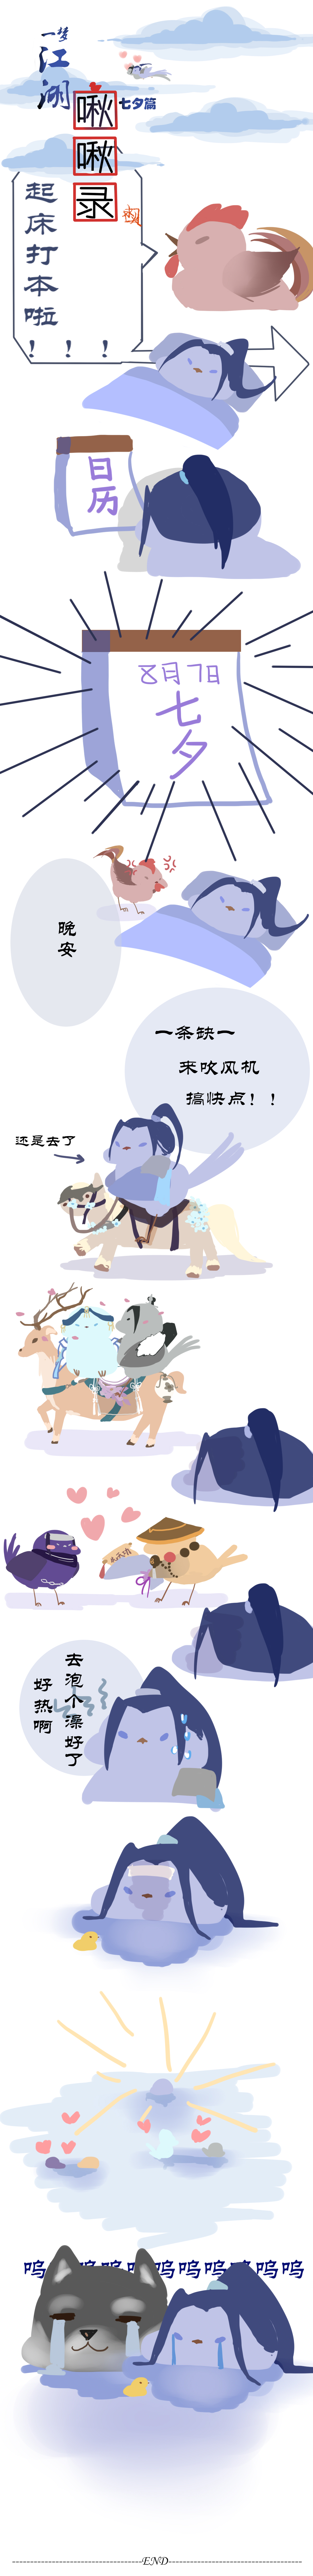 【原创作者联盟】【江湖啾啾录】七夕番外